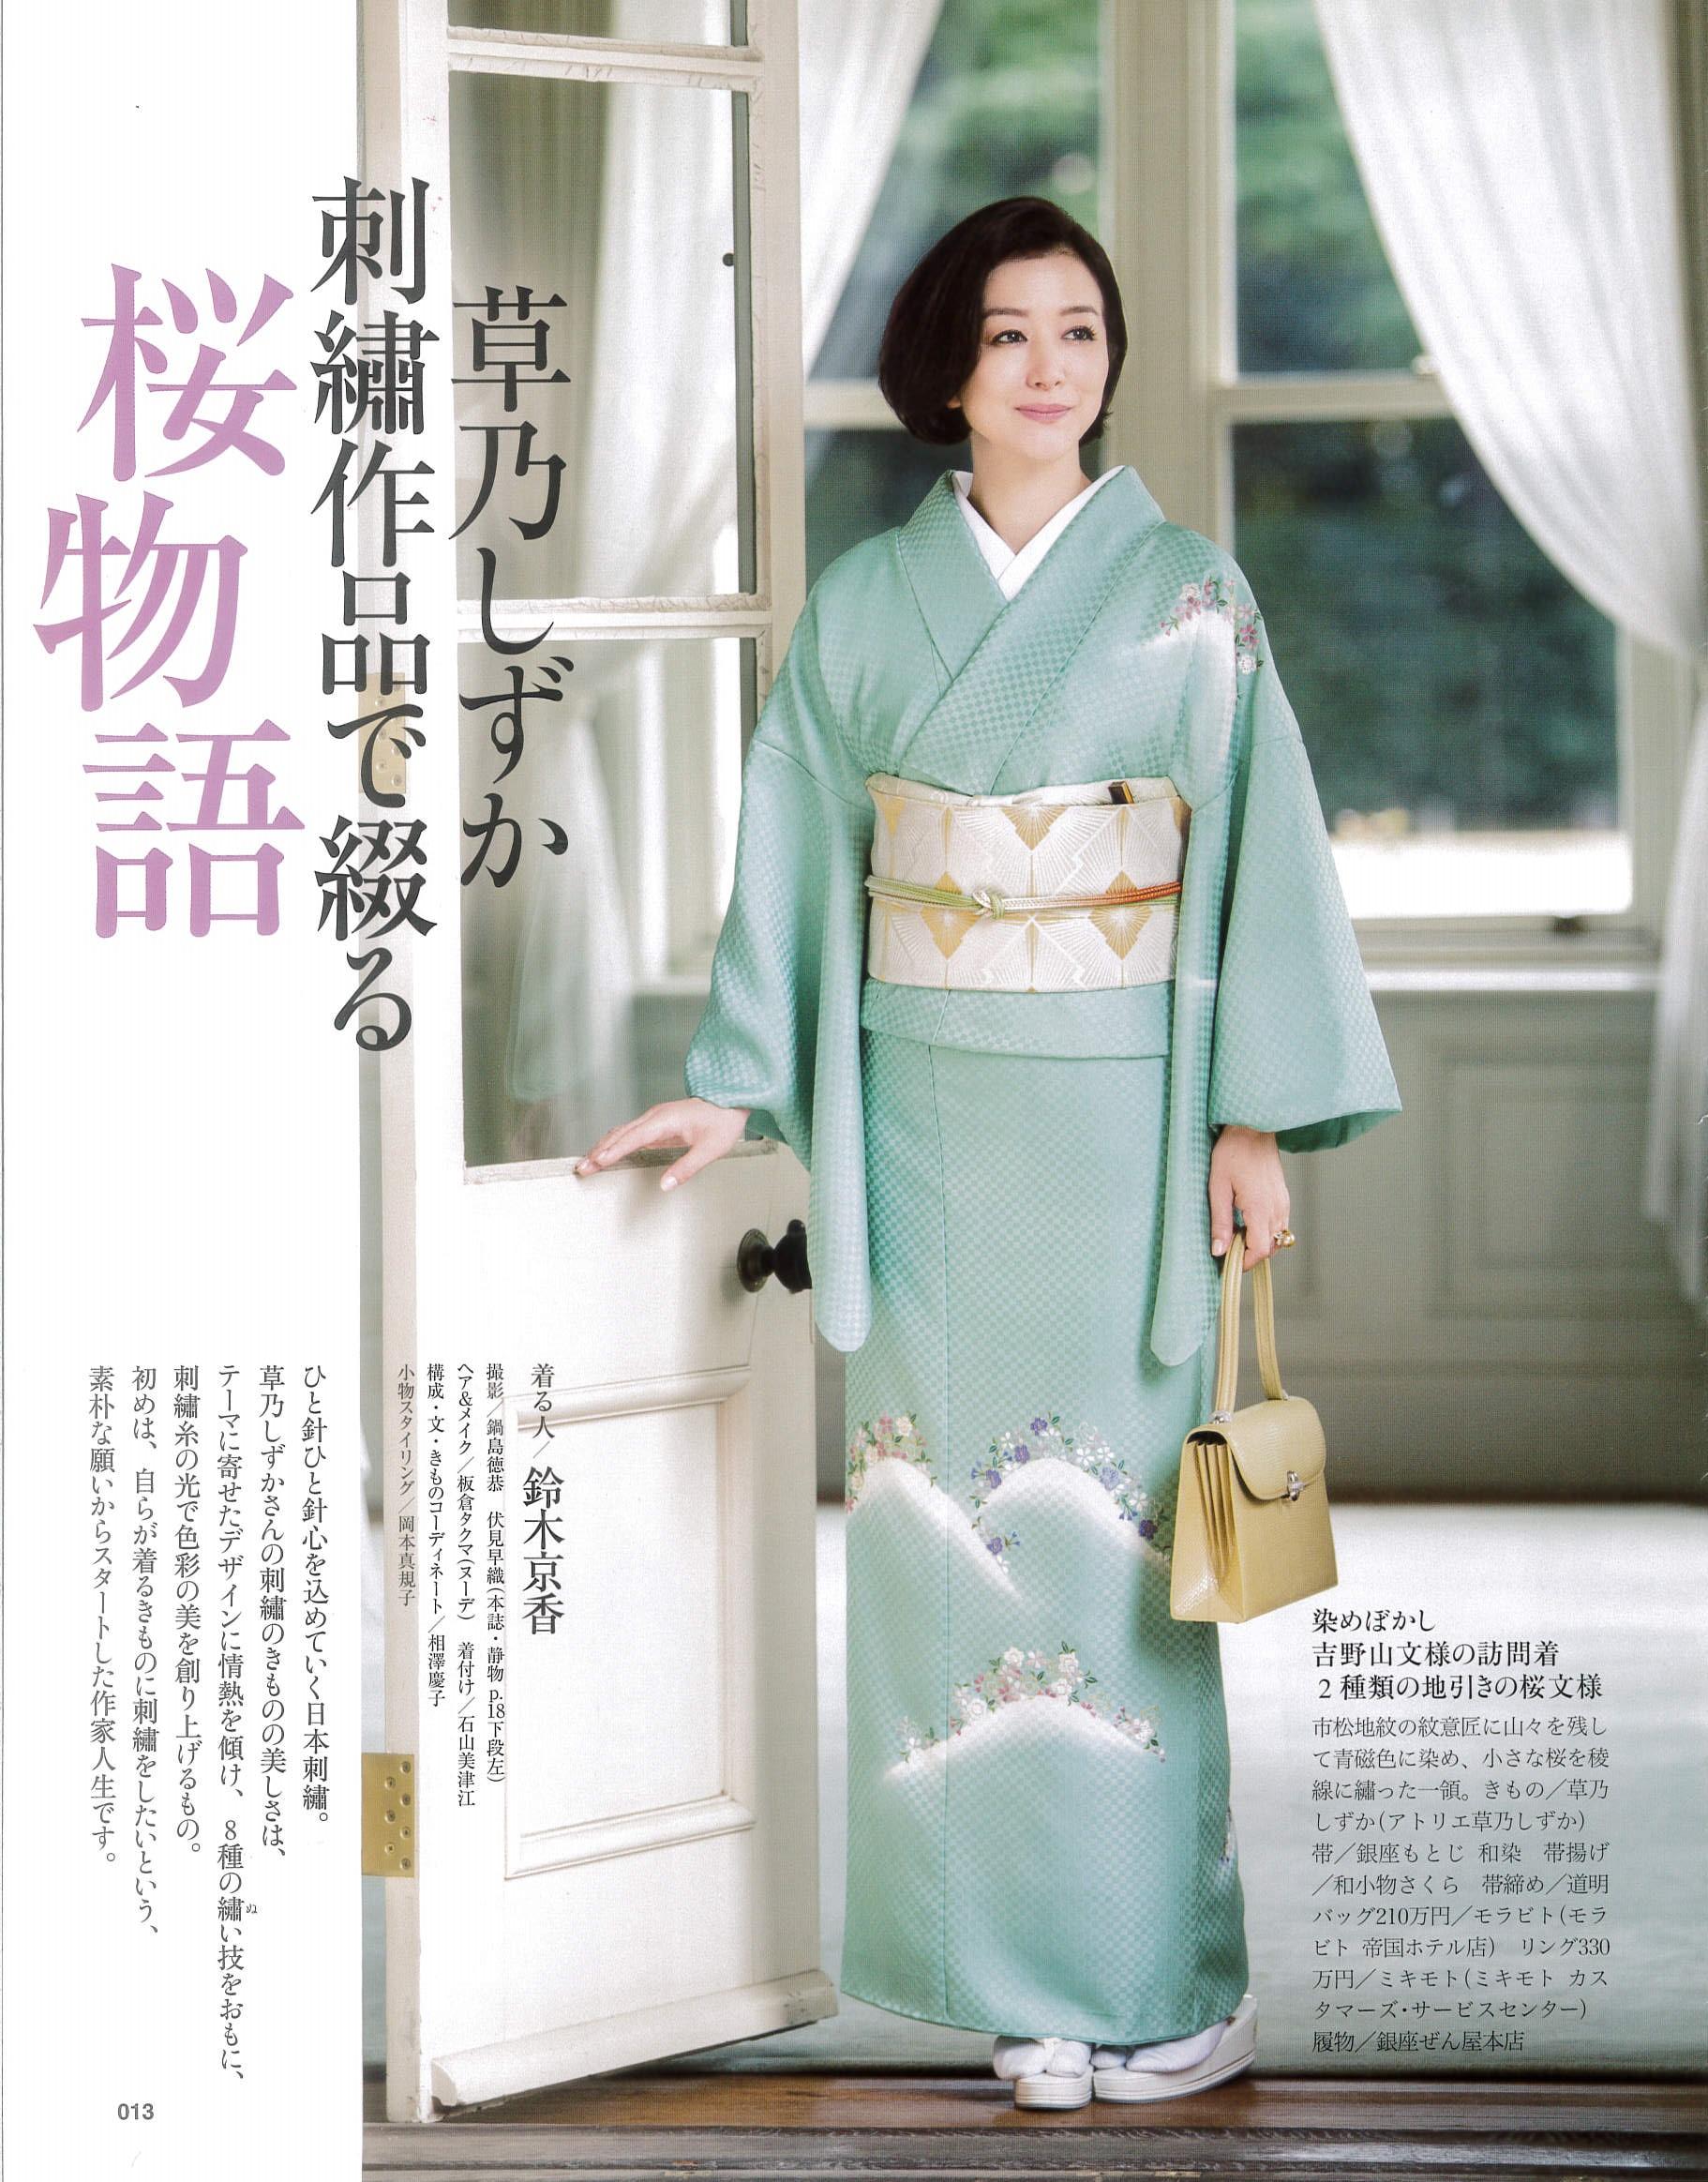 きものsalon2019春夏号「草乃しずか作品で綴る桜物語」